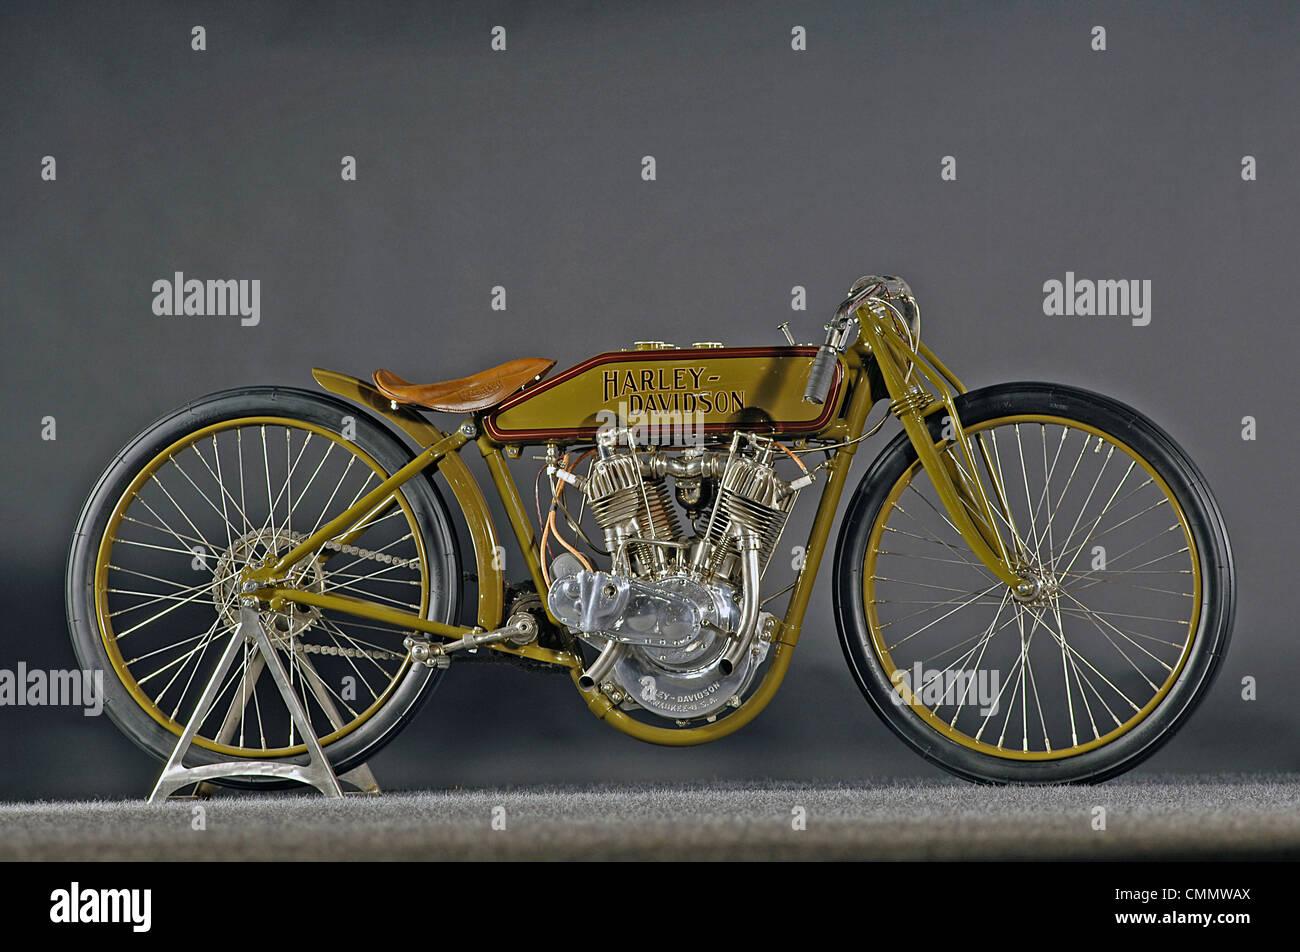 1921 Harley Davidson Boardtrack racer - Stock Image